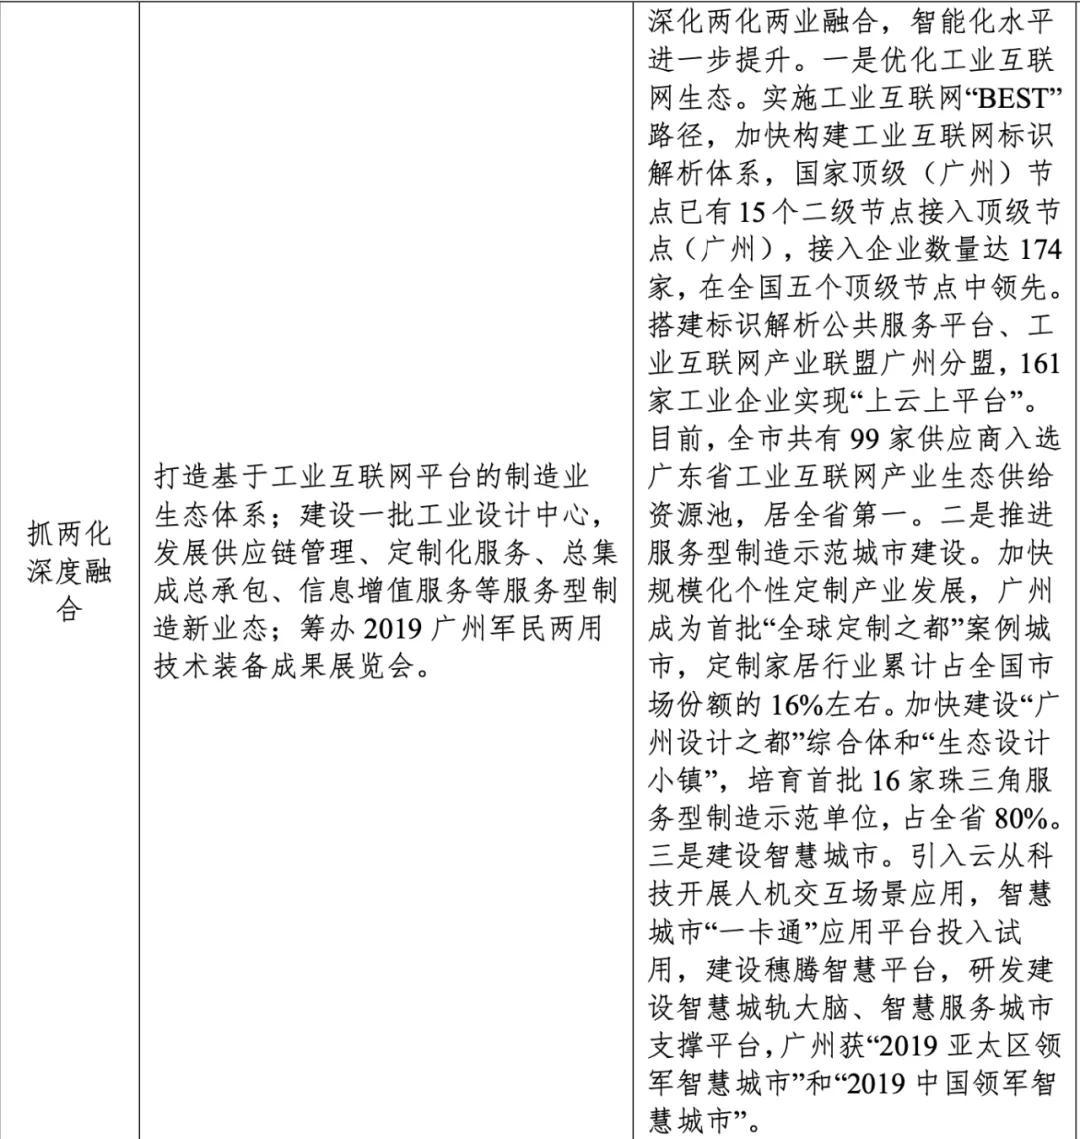 广州,产业先导的渐进式智慧化